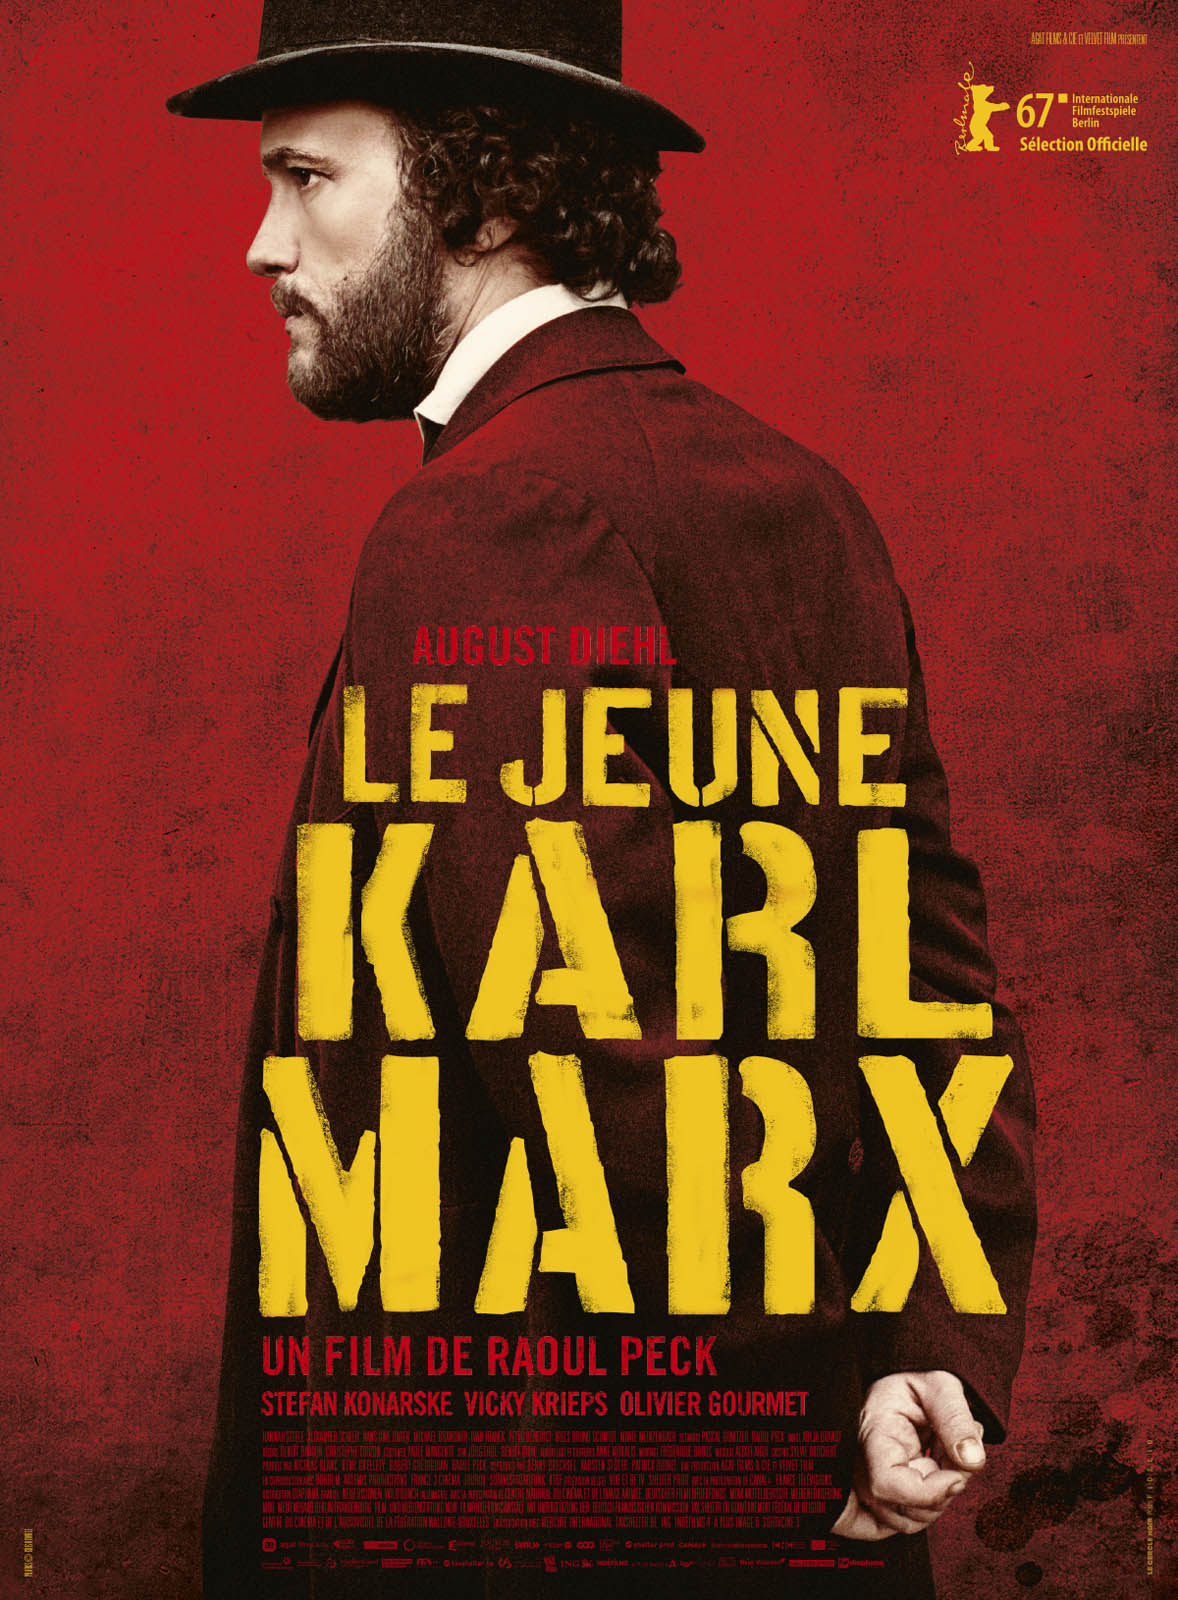 Le jeune Karl Marx, de Raoul Peck